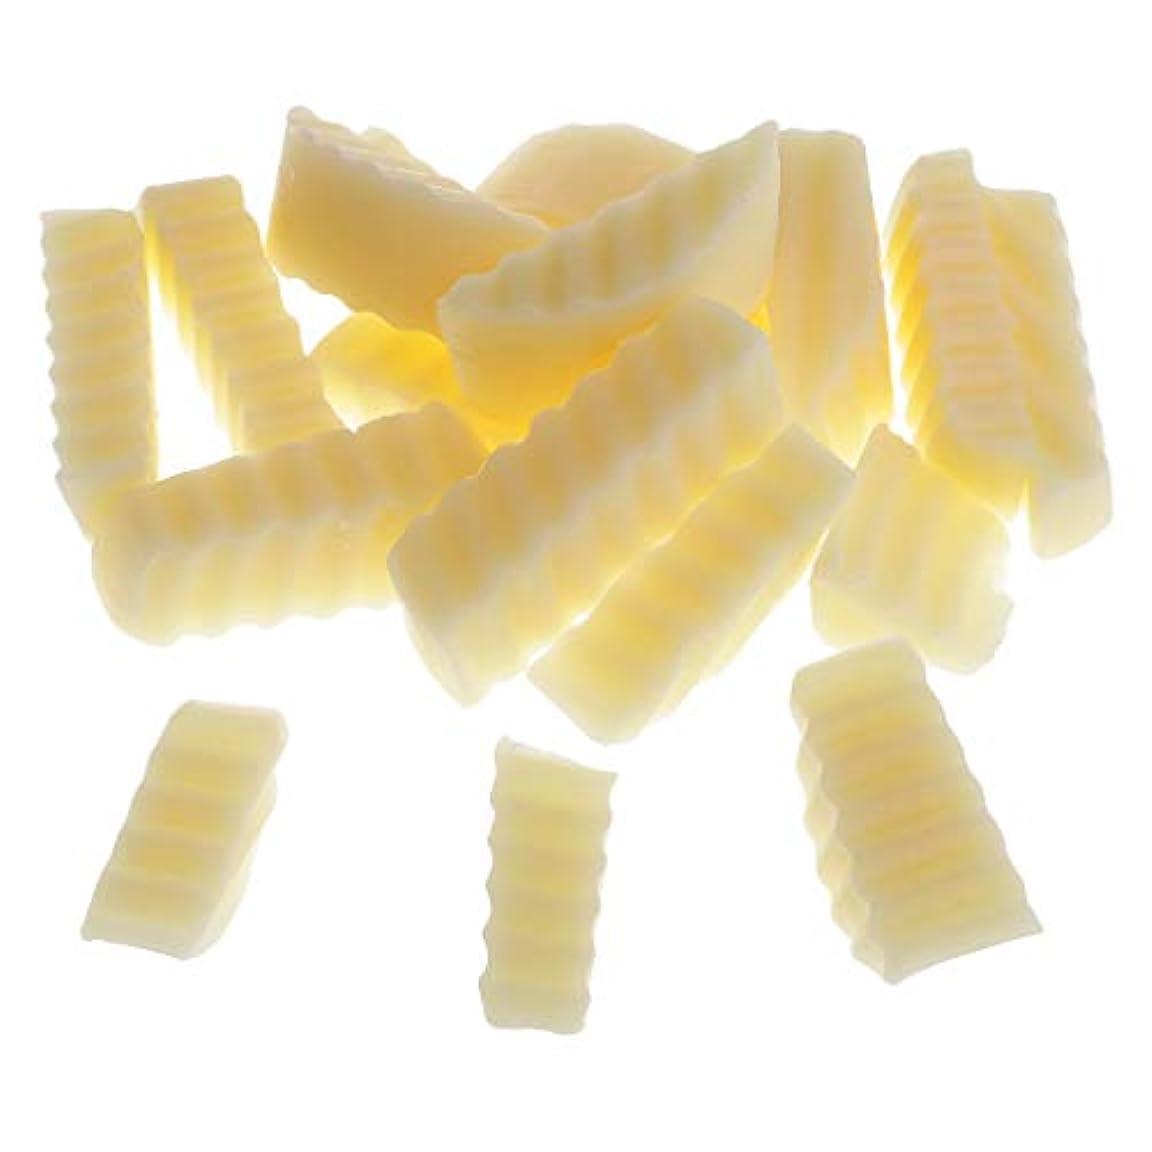 ばかげたすぐにこんにちはP Prettyia 250g /パックナチュラルピュアベージュラノリンソープベースDIY手作り石鹸家庭用石鹸作りクラフト用